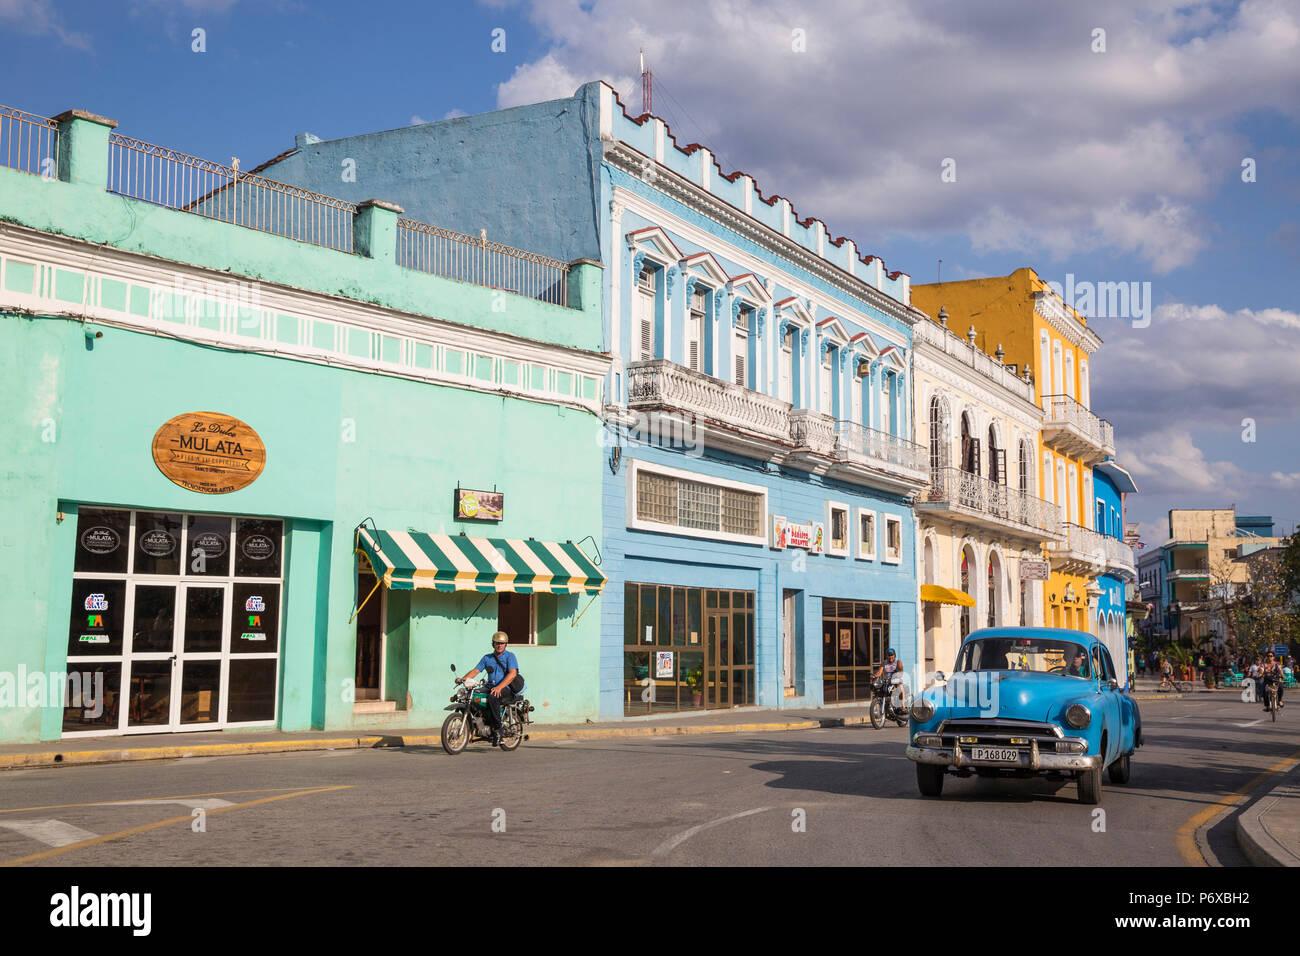 Cuba, Sancti Spiritus Sancti Spiritus, revestimiento de edificios Parque Serafín Sánchez, (la plaza principal) Imagen De Stock